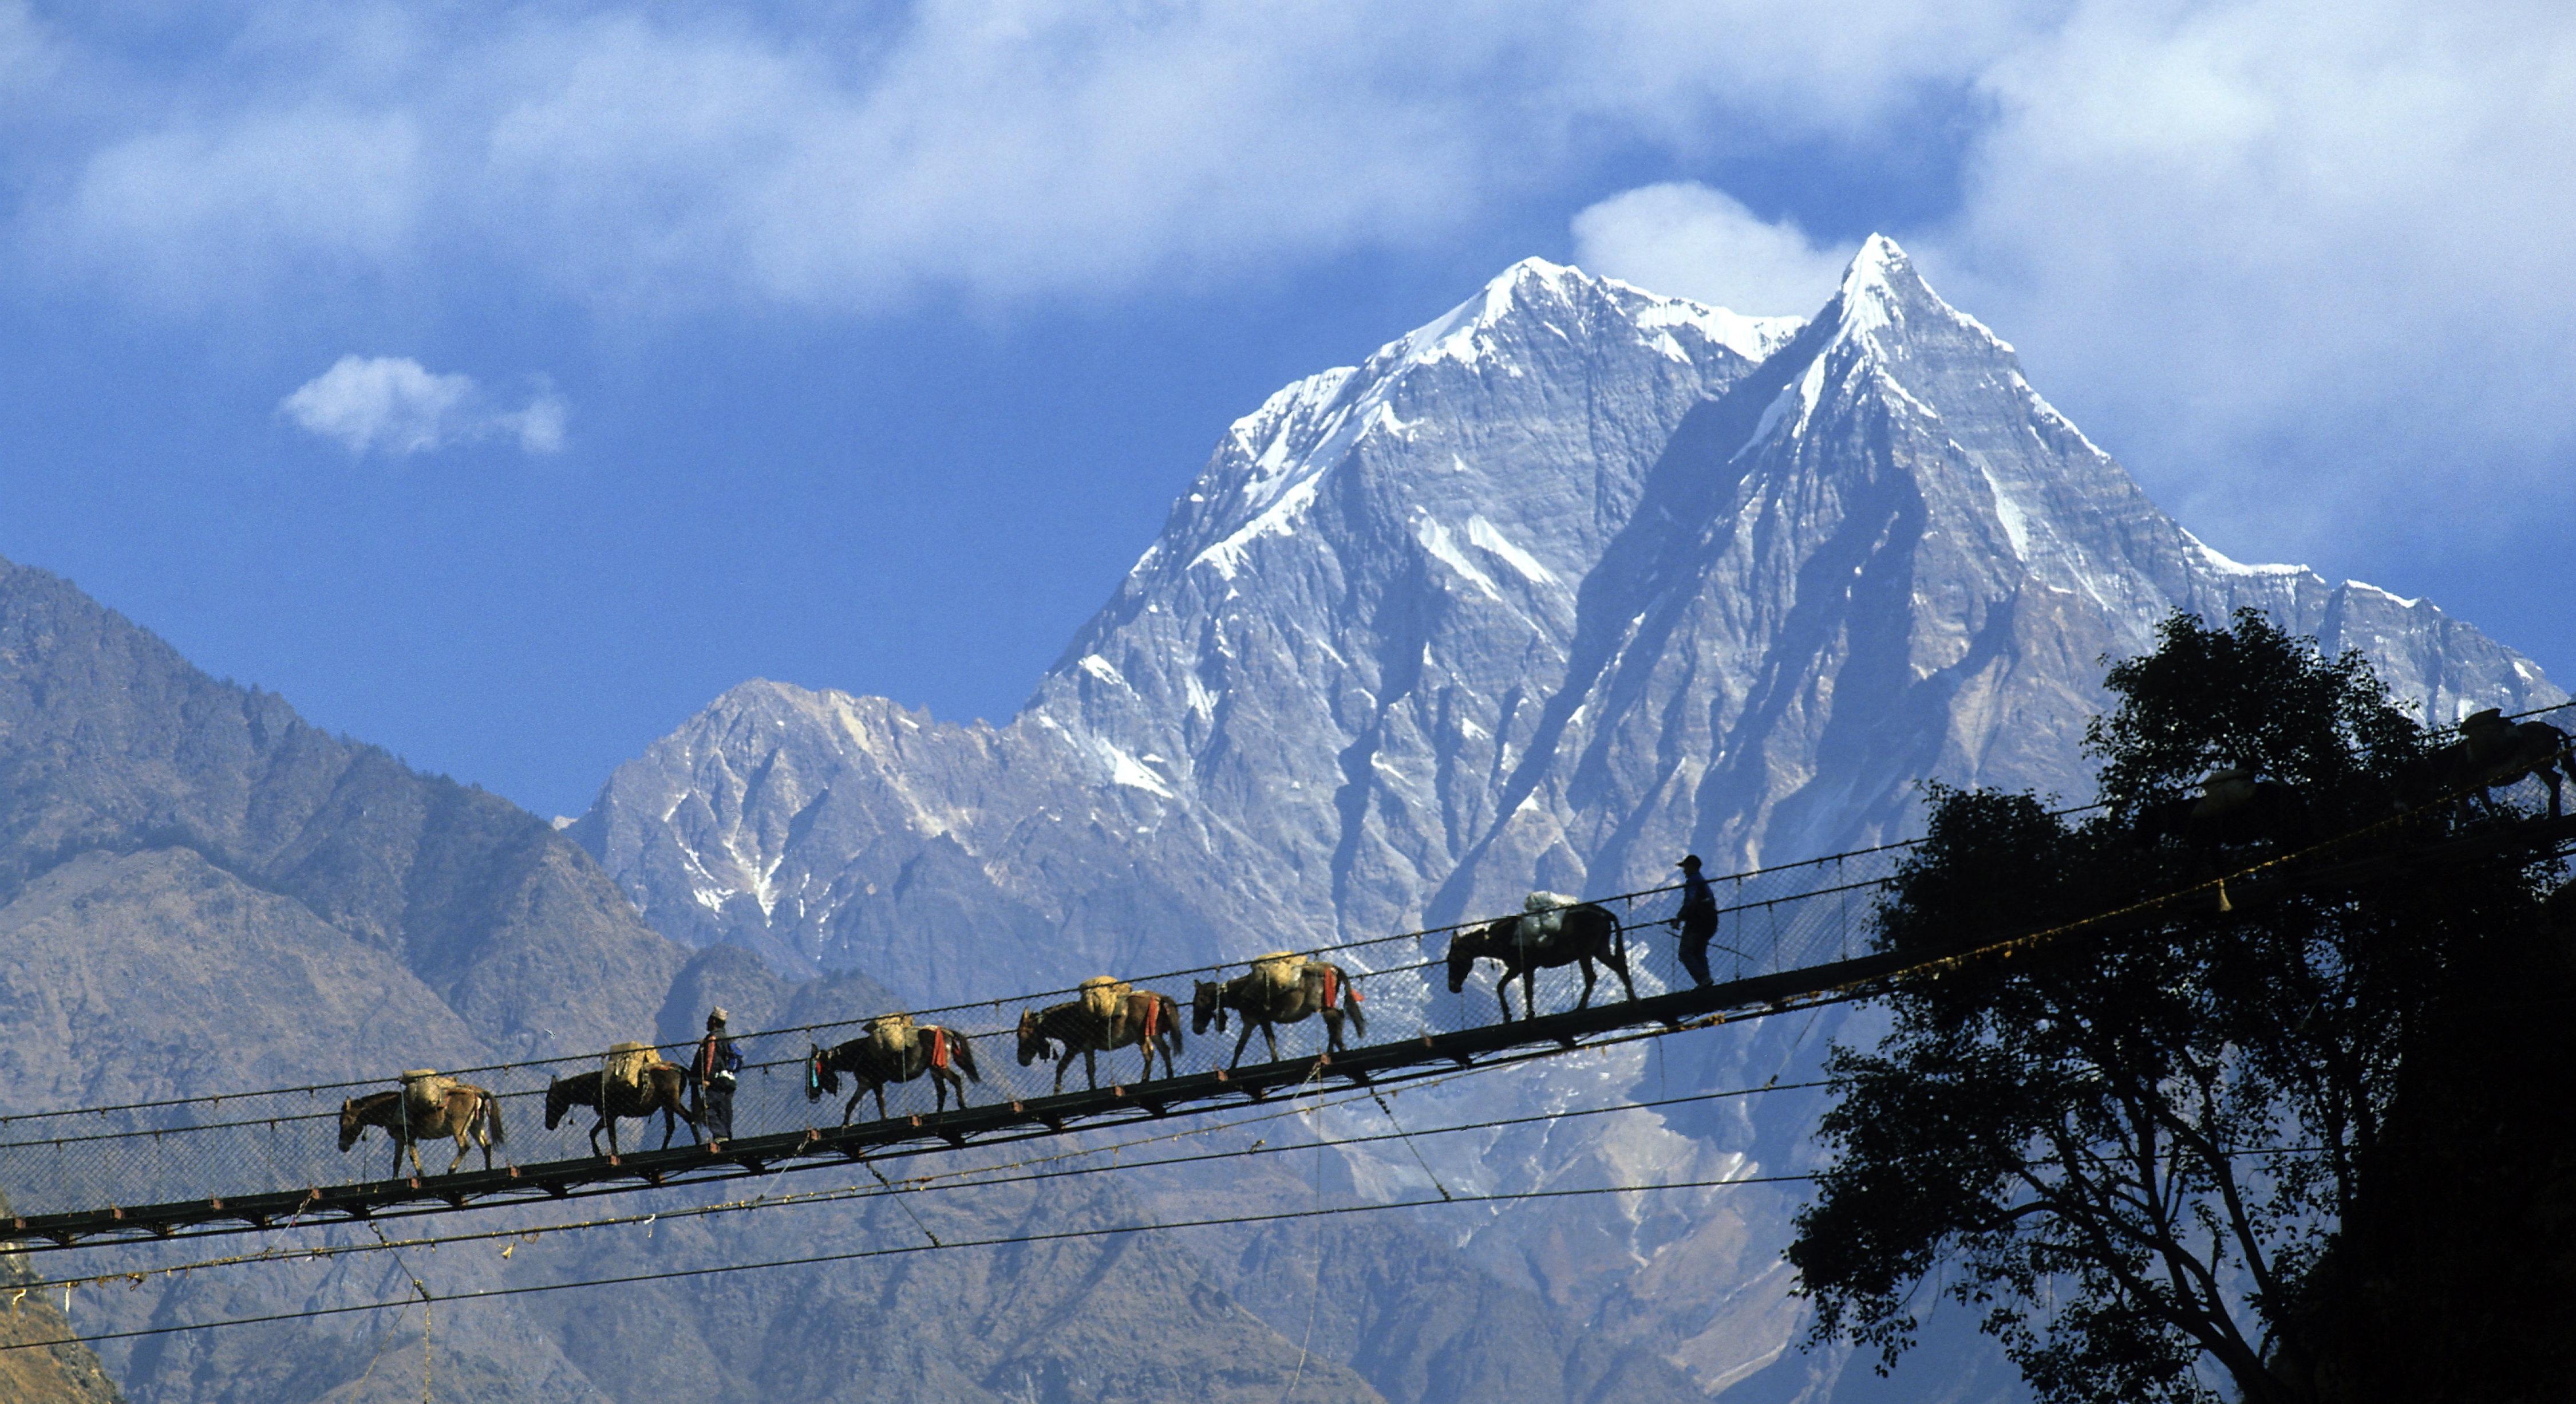 Nepal, Annapurnas region